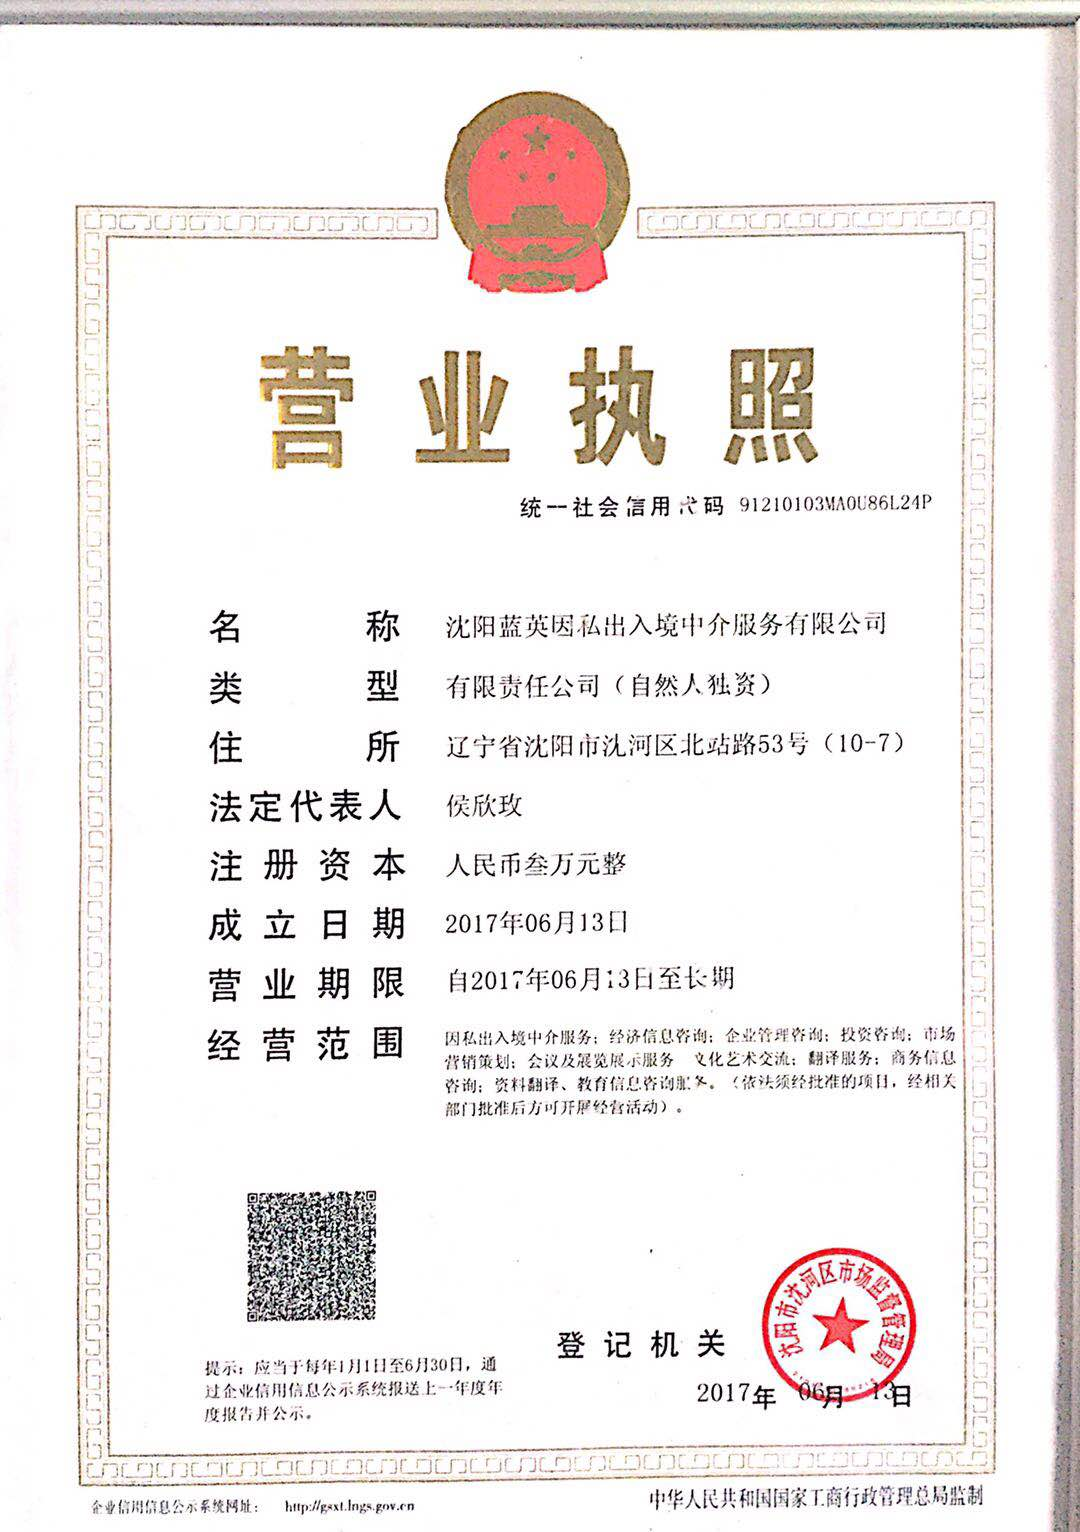 沈阳蓝英出入境服务有限公司加盟